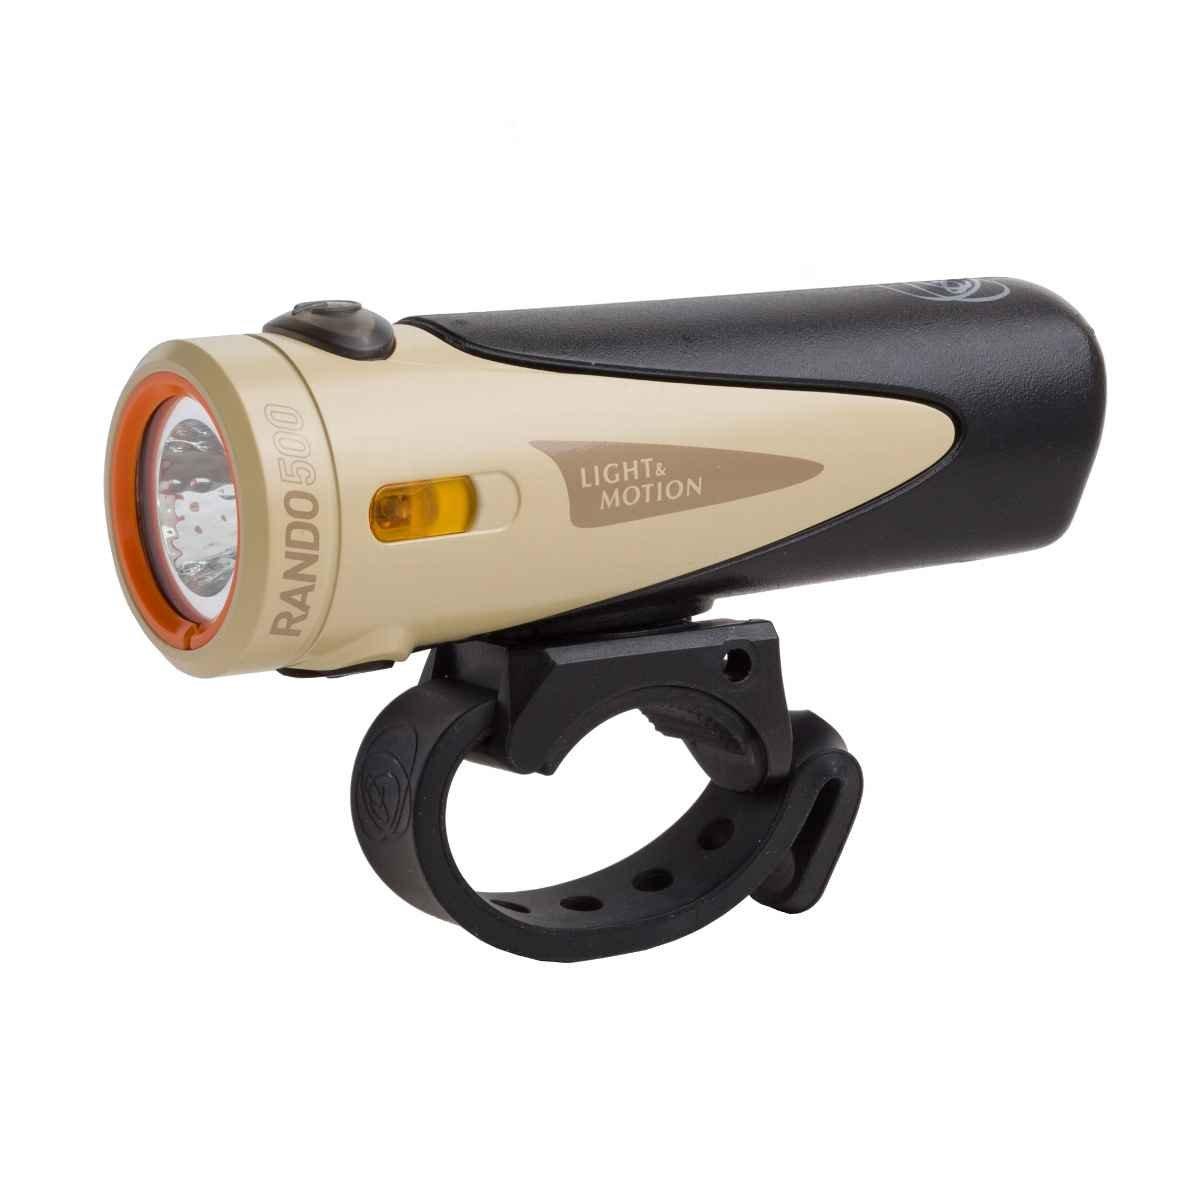 ライトアンドモーションRando 500ライト - タン/ブラック - 856-0689-A   B07F19LZ9Z